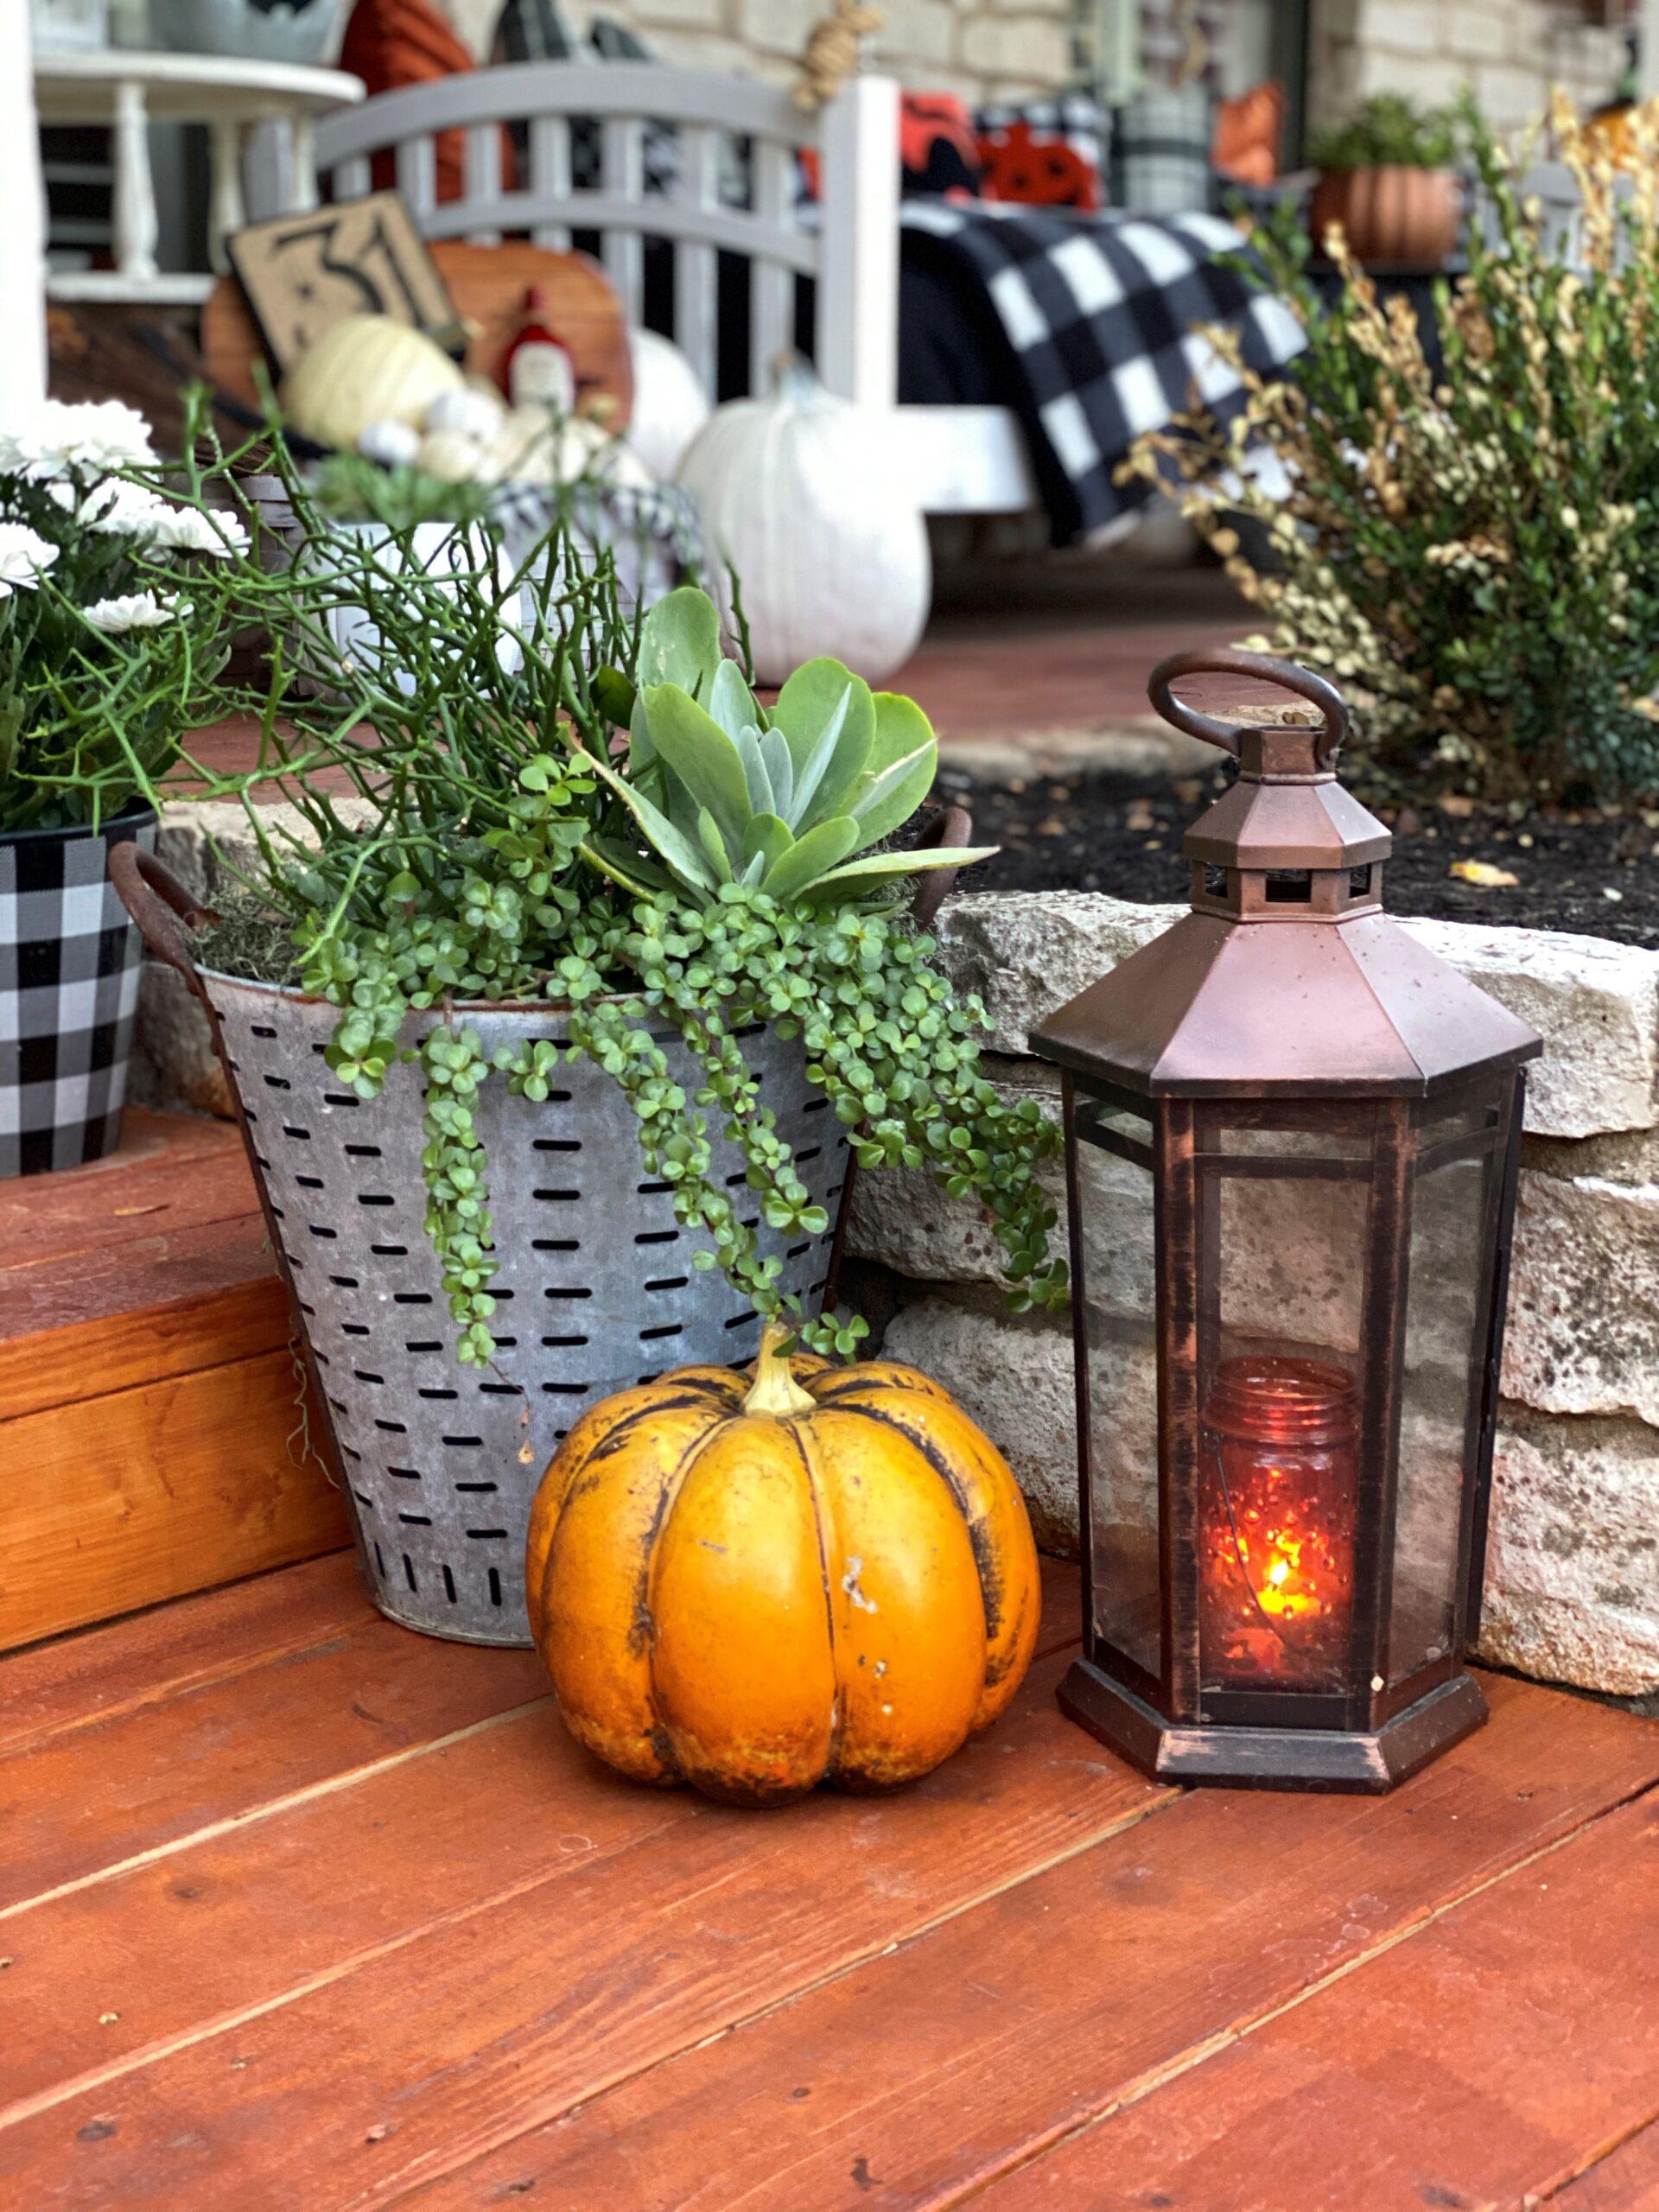 Halloween Front Porch Decorations, Vintage Rustic Front Porch, Rustic Galvanized Metal Pot, Pumpkins, Copper Lantern